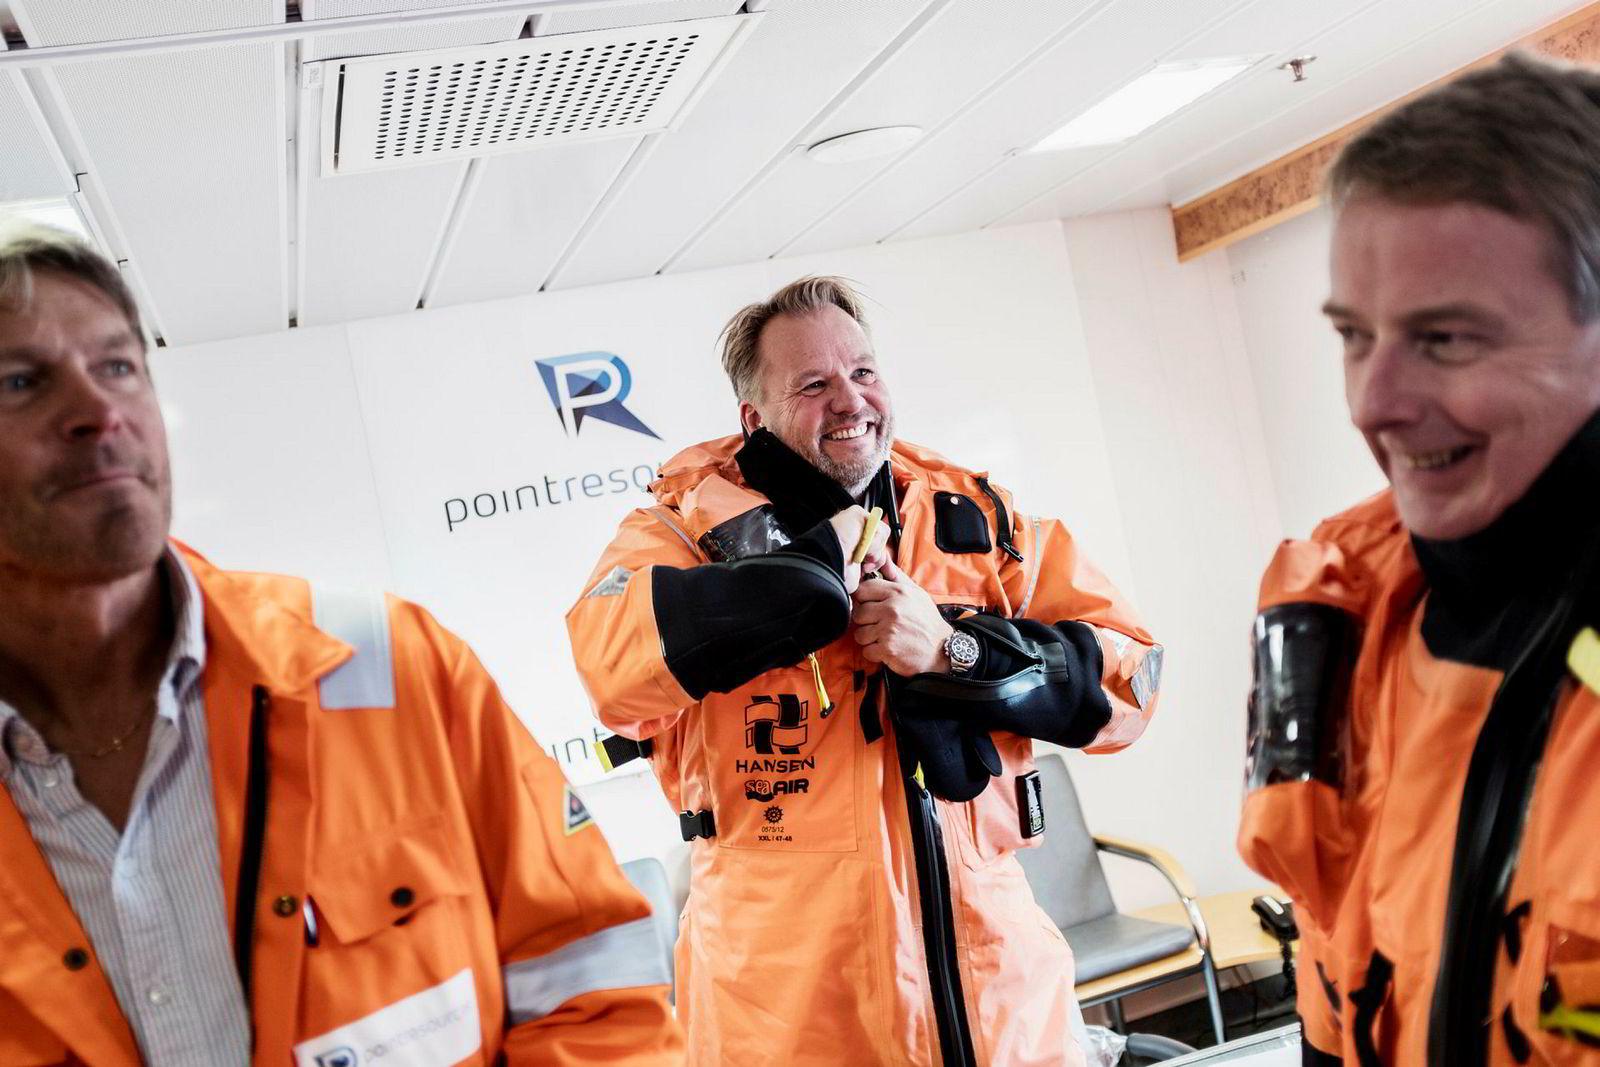 Administrerende direktør i HitecVision Ole Ertvaag, i midten, er offshore for første gang. Han besøkte Ringhorne, et av tre felt operert av Point Resources på Norsk sokkel. Olje og Energiminister Terje Søviknes til høyre, plattformsjef Jarle Rydningen, til venstre.